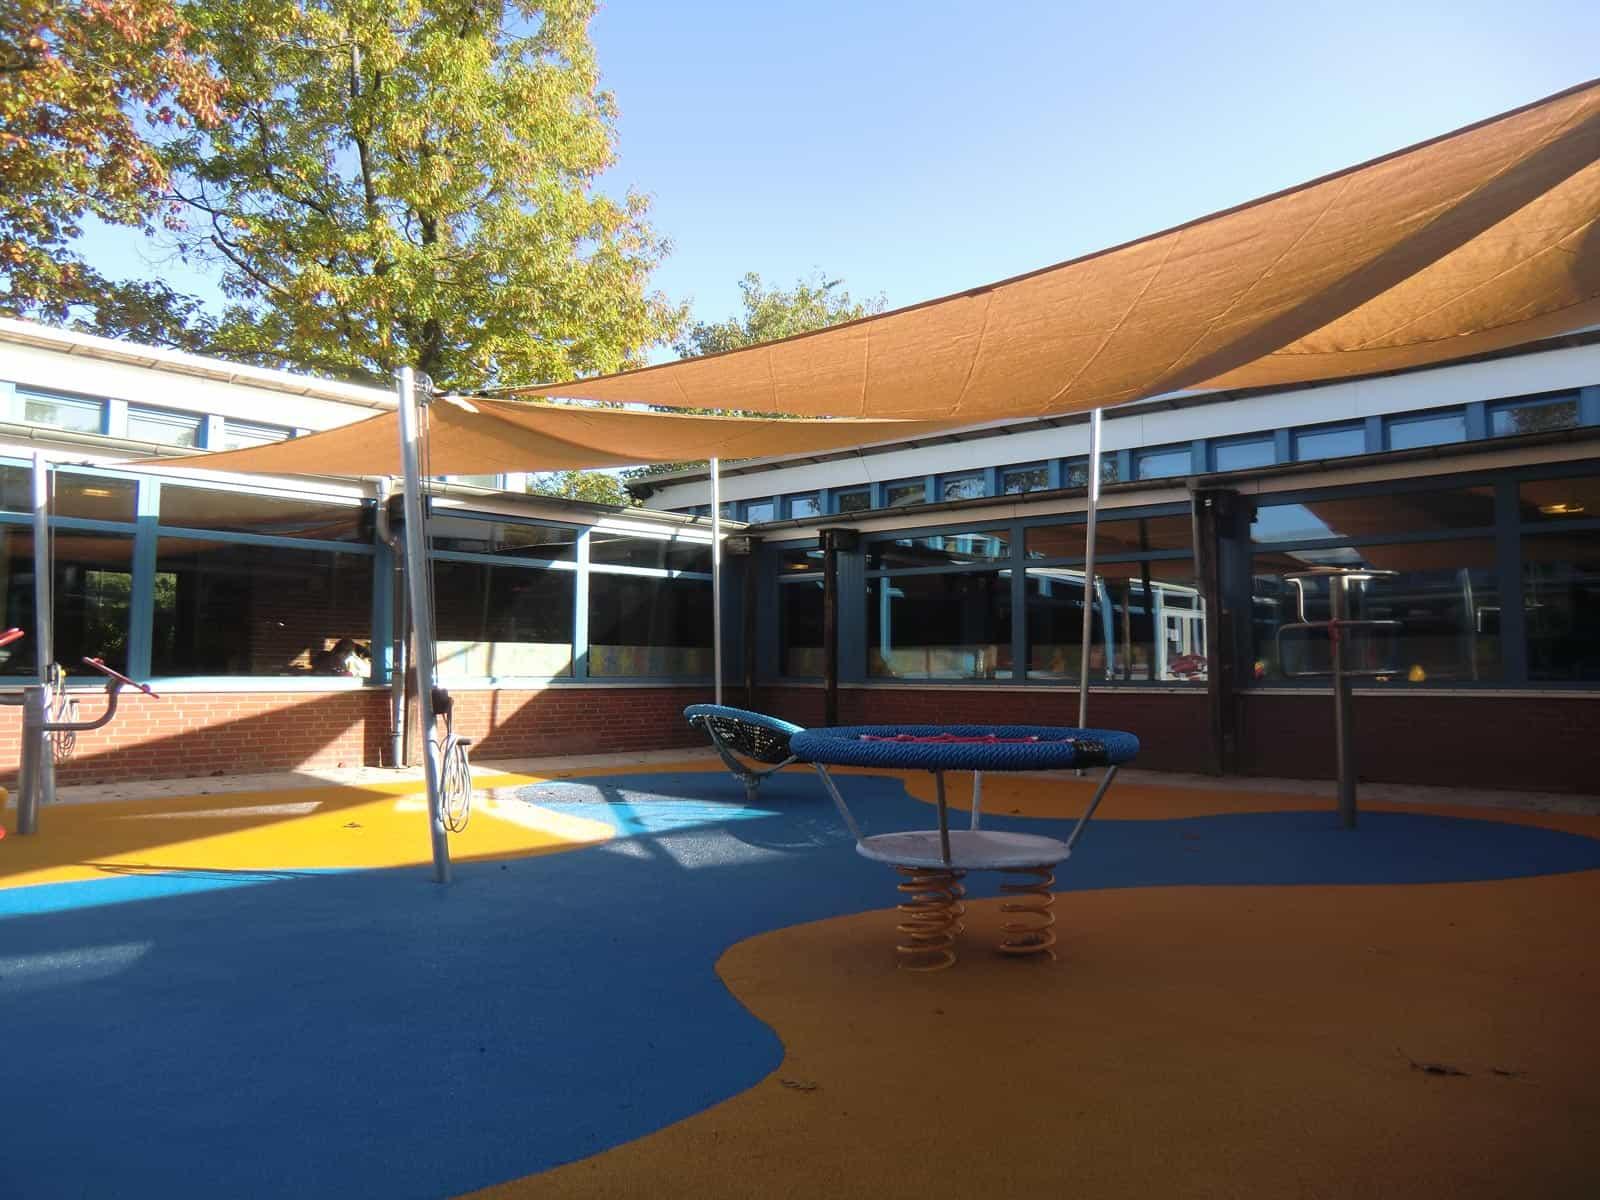 Sonnensegel Überdachung über einem Spielplatz